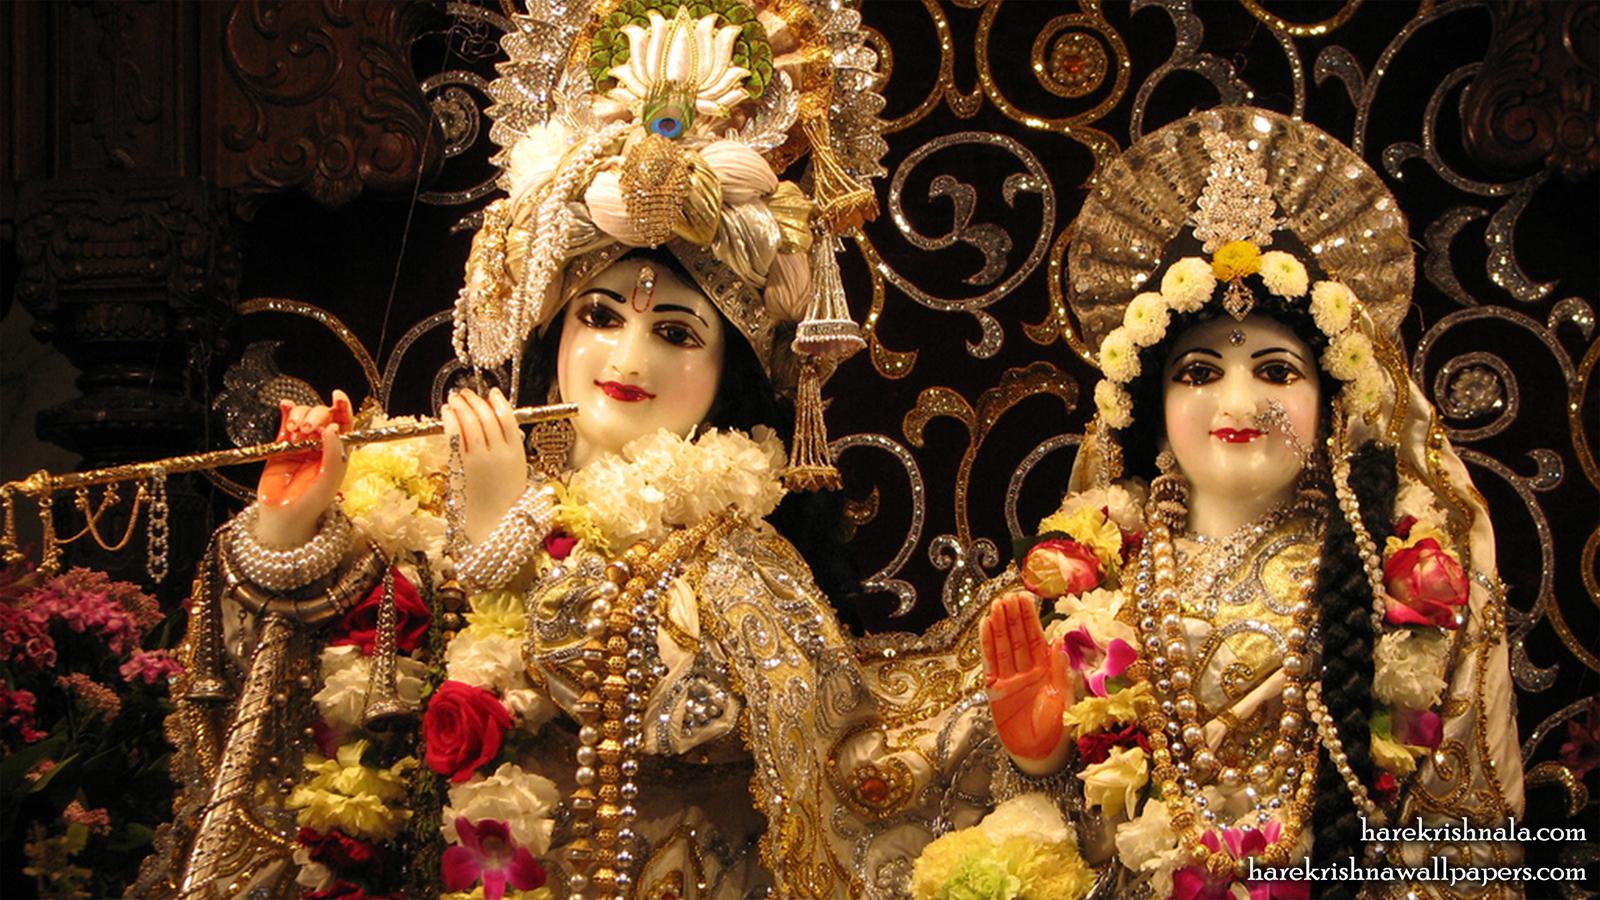 Sri Sri Rukmini Dwarkadhish Close up Wallpaper (006) Size 1600x900 Download